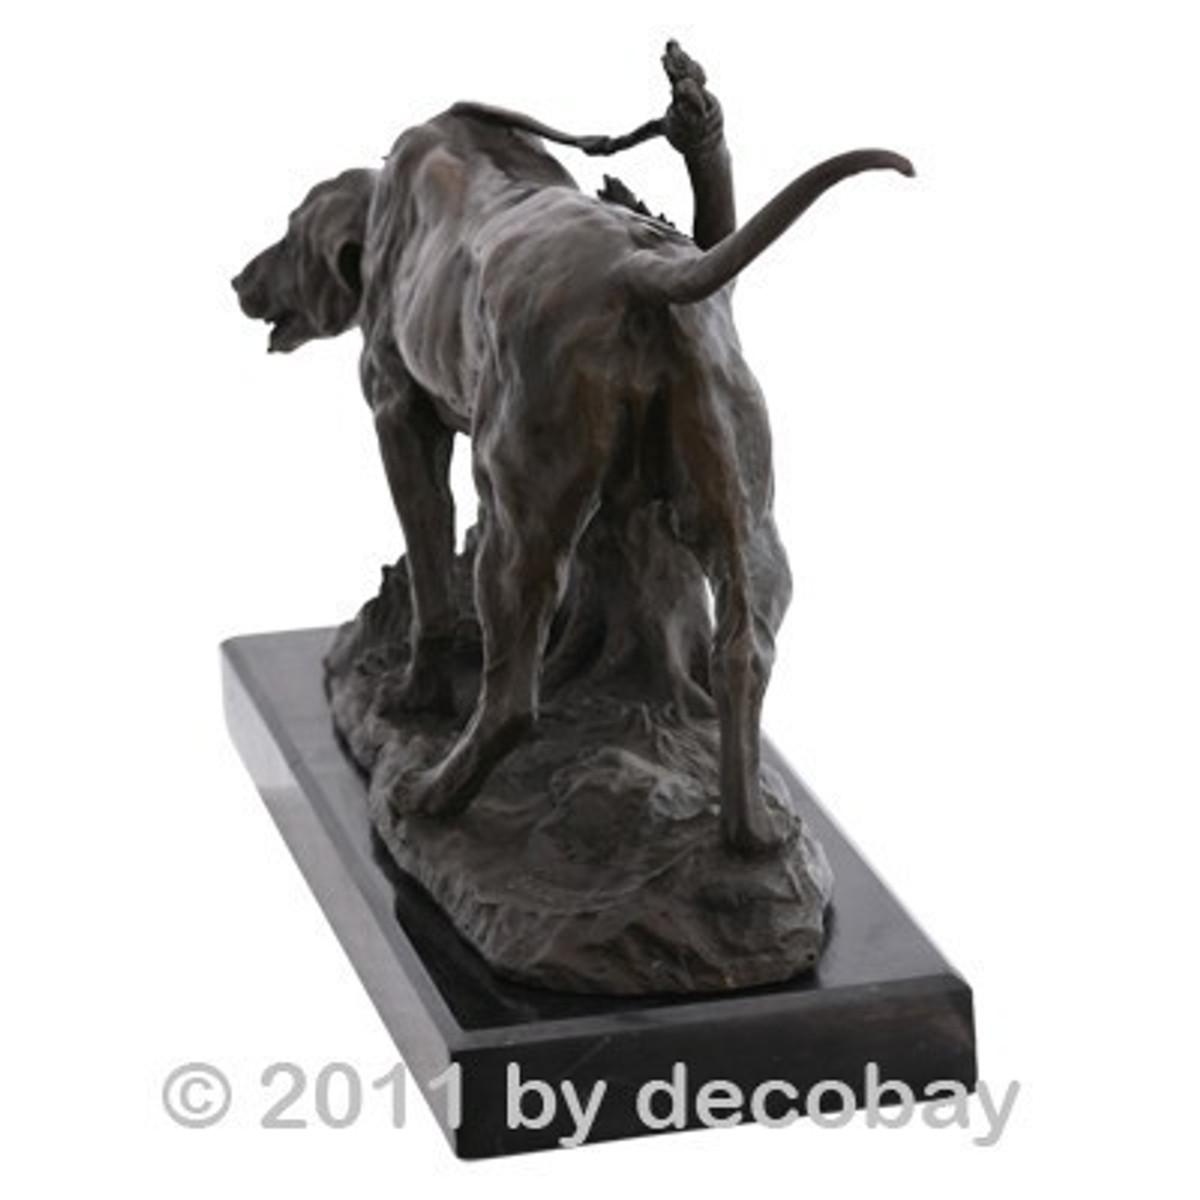 Bronze Statue Dekoration Kurzhaar Jagd Hund Bronzefigur signiert Barye. Jagdhund angebunden am Baumstamm wartet ungeduldig auf seinen Einsatz.